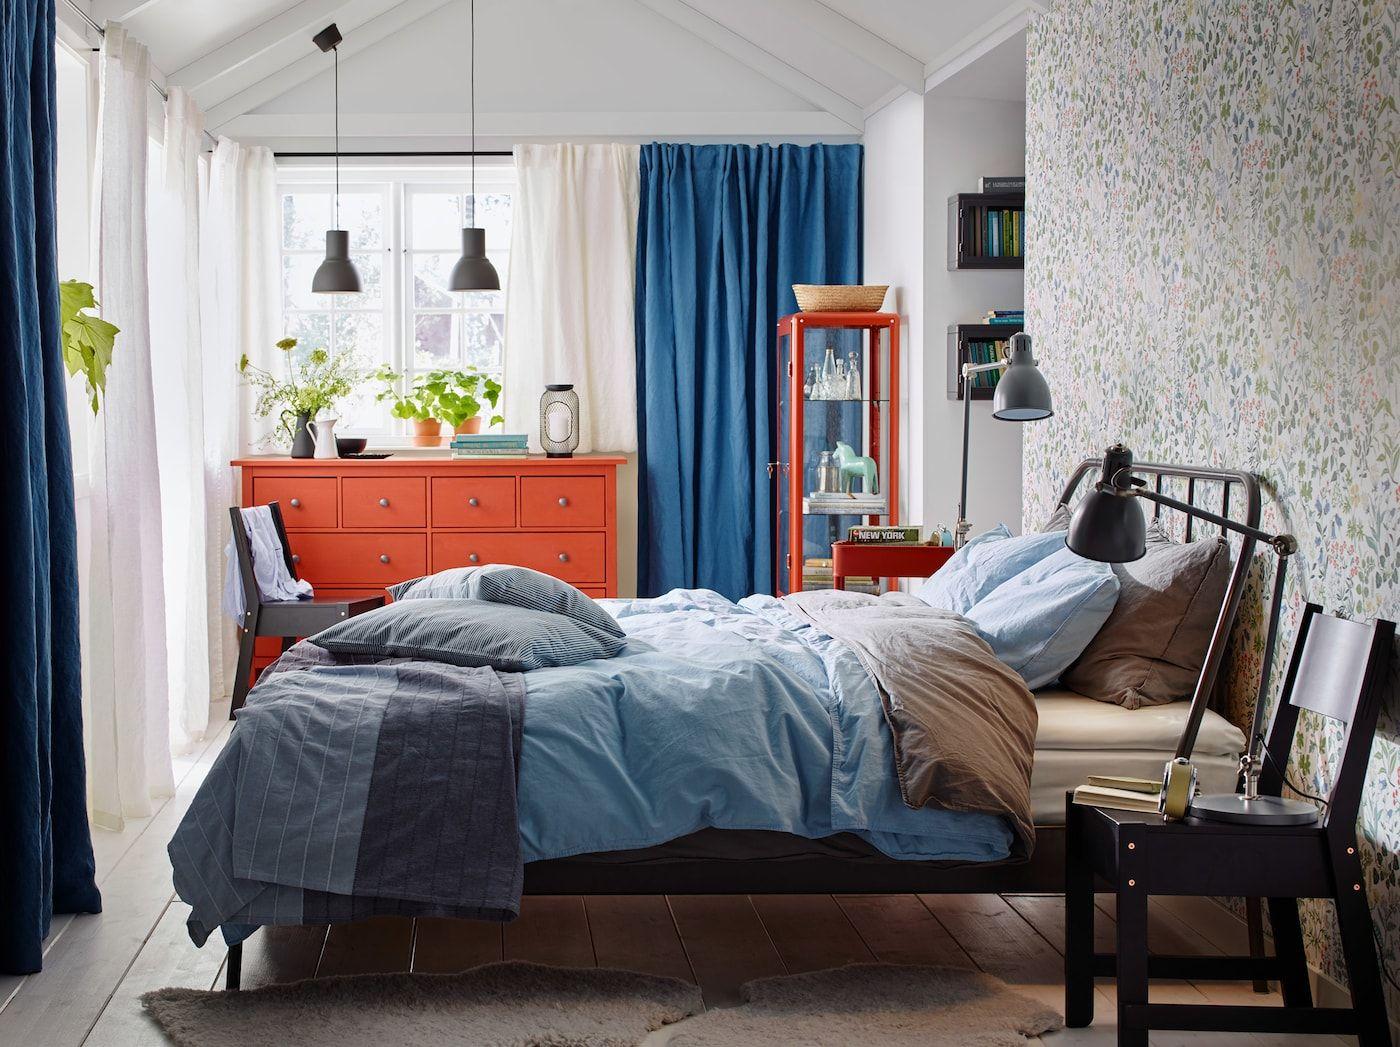 Schlafzimmer Einrichten Tipps Tricks Schlafzimmer Einrichten Kleiner Raum Schlafzimmer Ikea Schlafzimmer Ideen